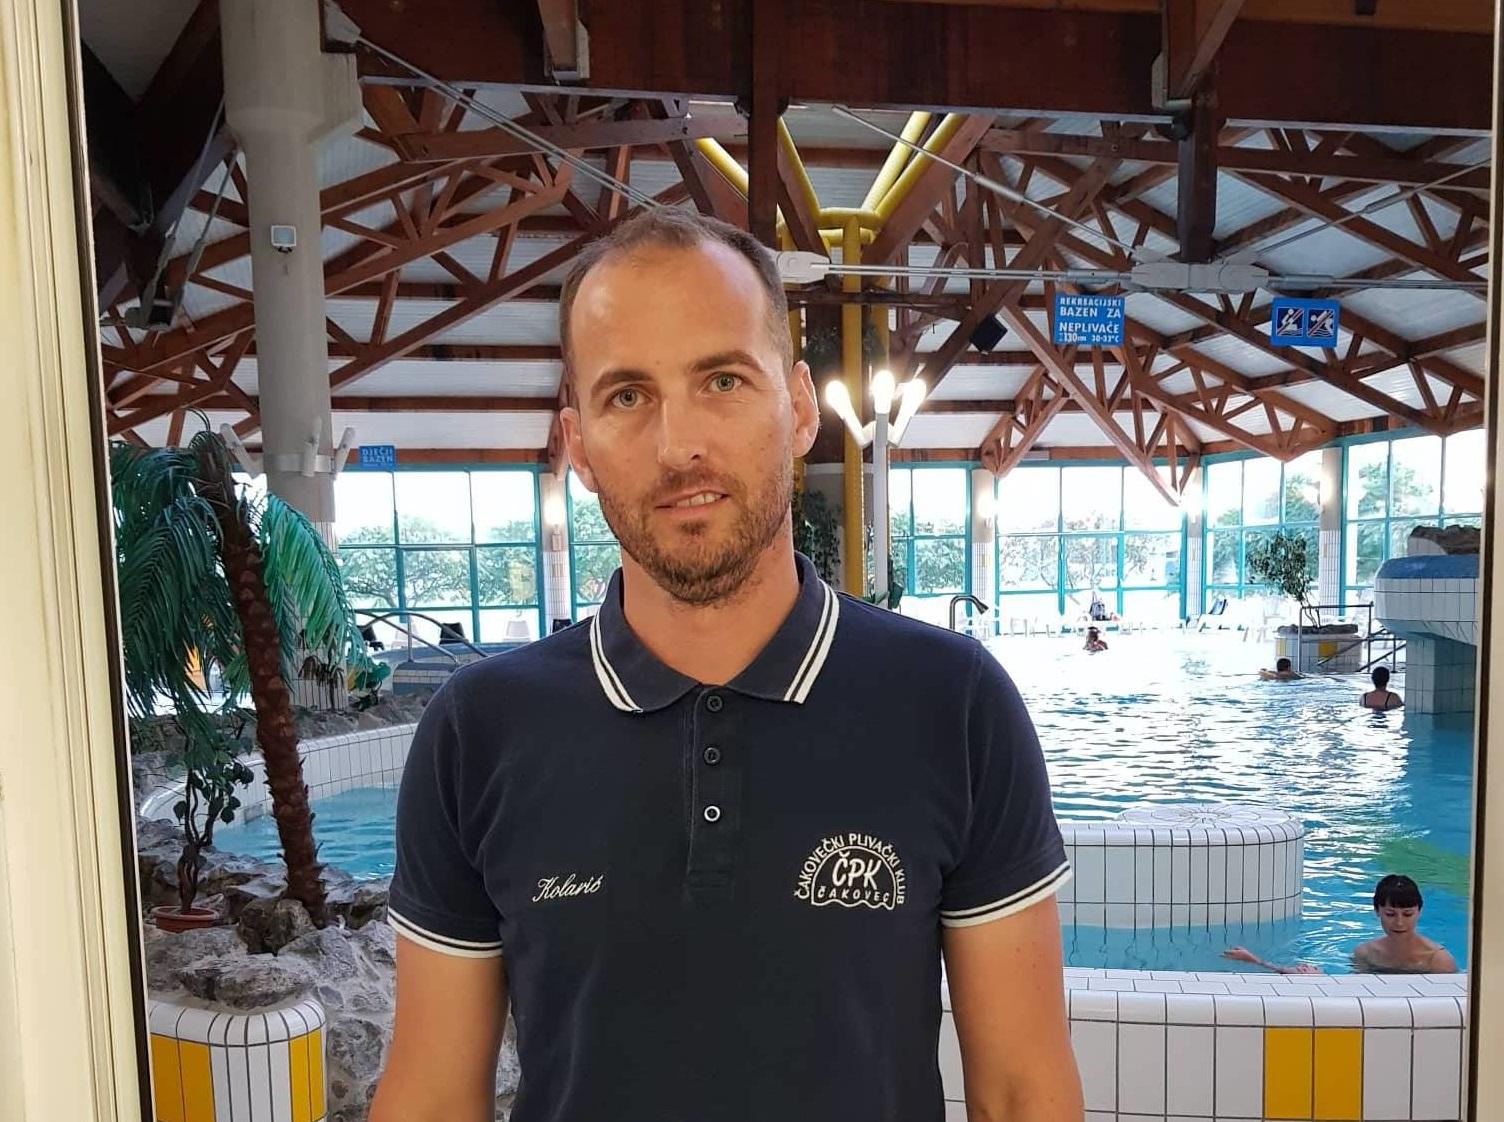 Predsjednik i trener ČPK a Goran Kolarić trener mlade plivačke reprezentacije